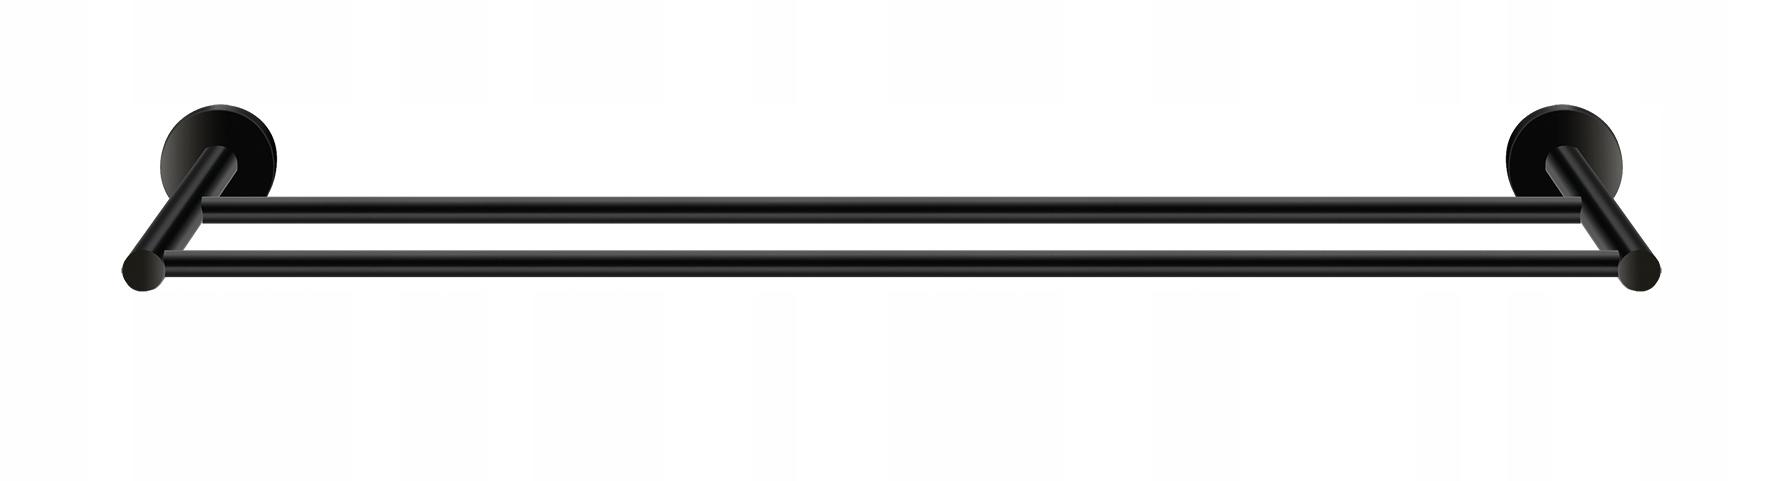 TWIST matné čierne dvojité zábradlie